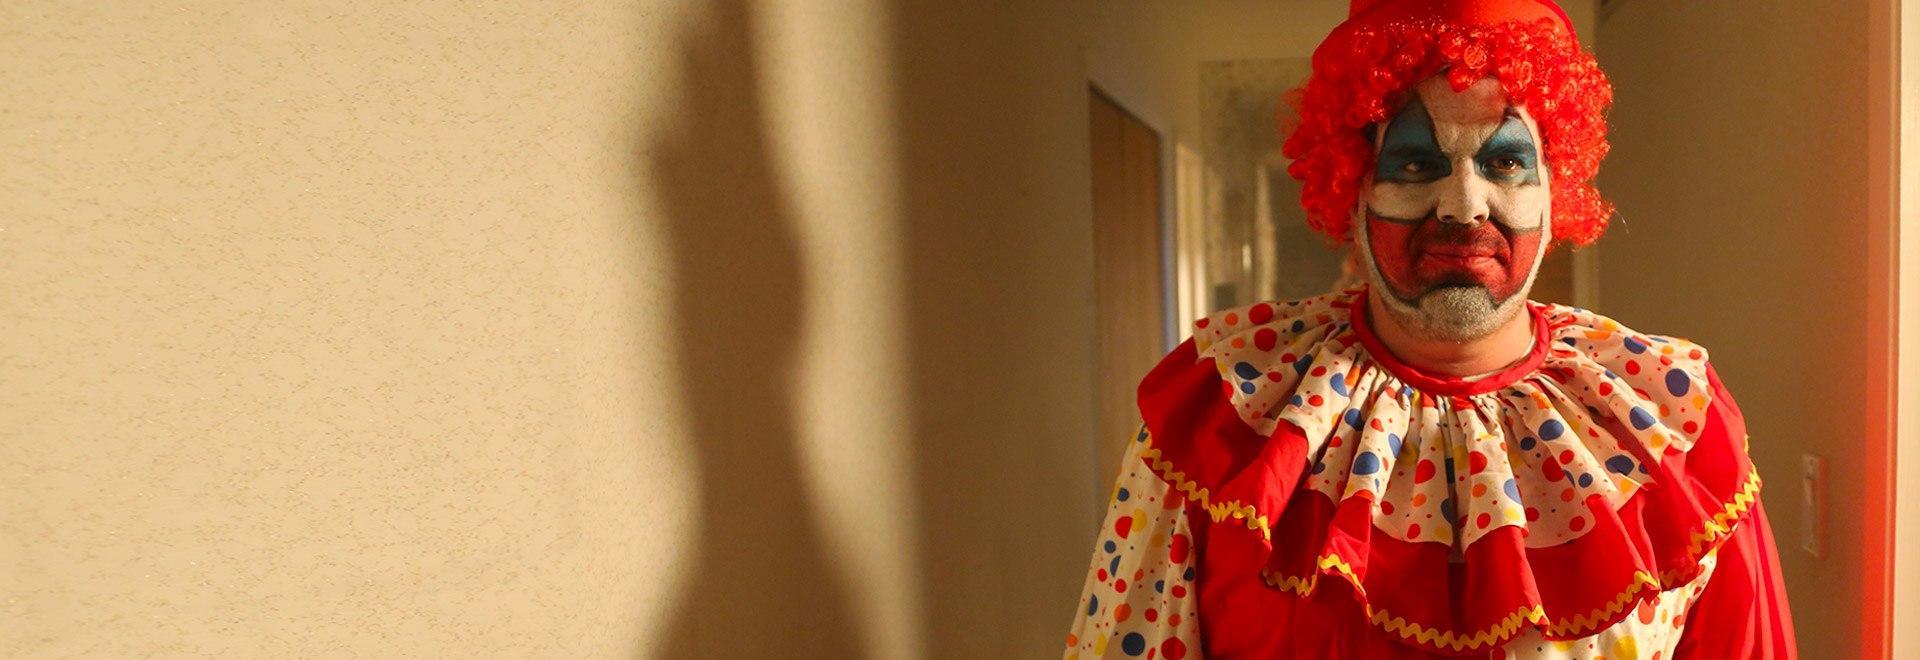 Il killer-clown